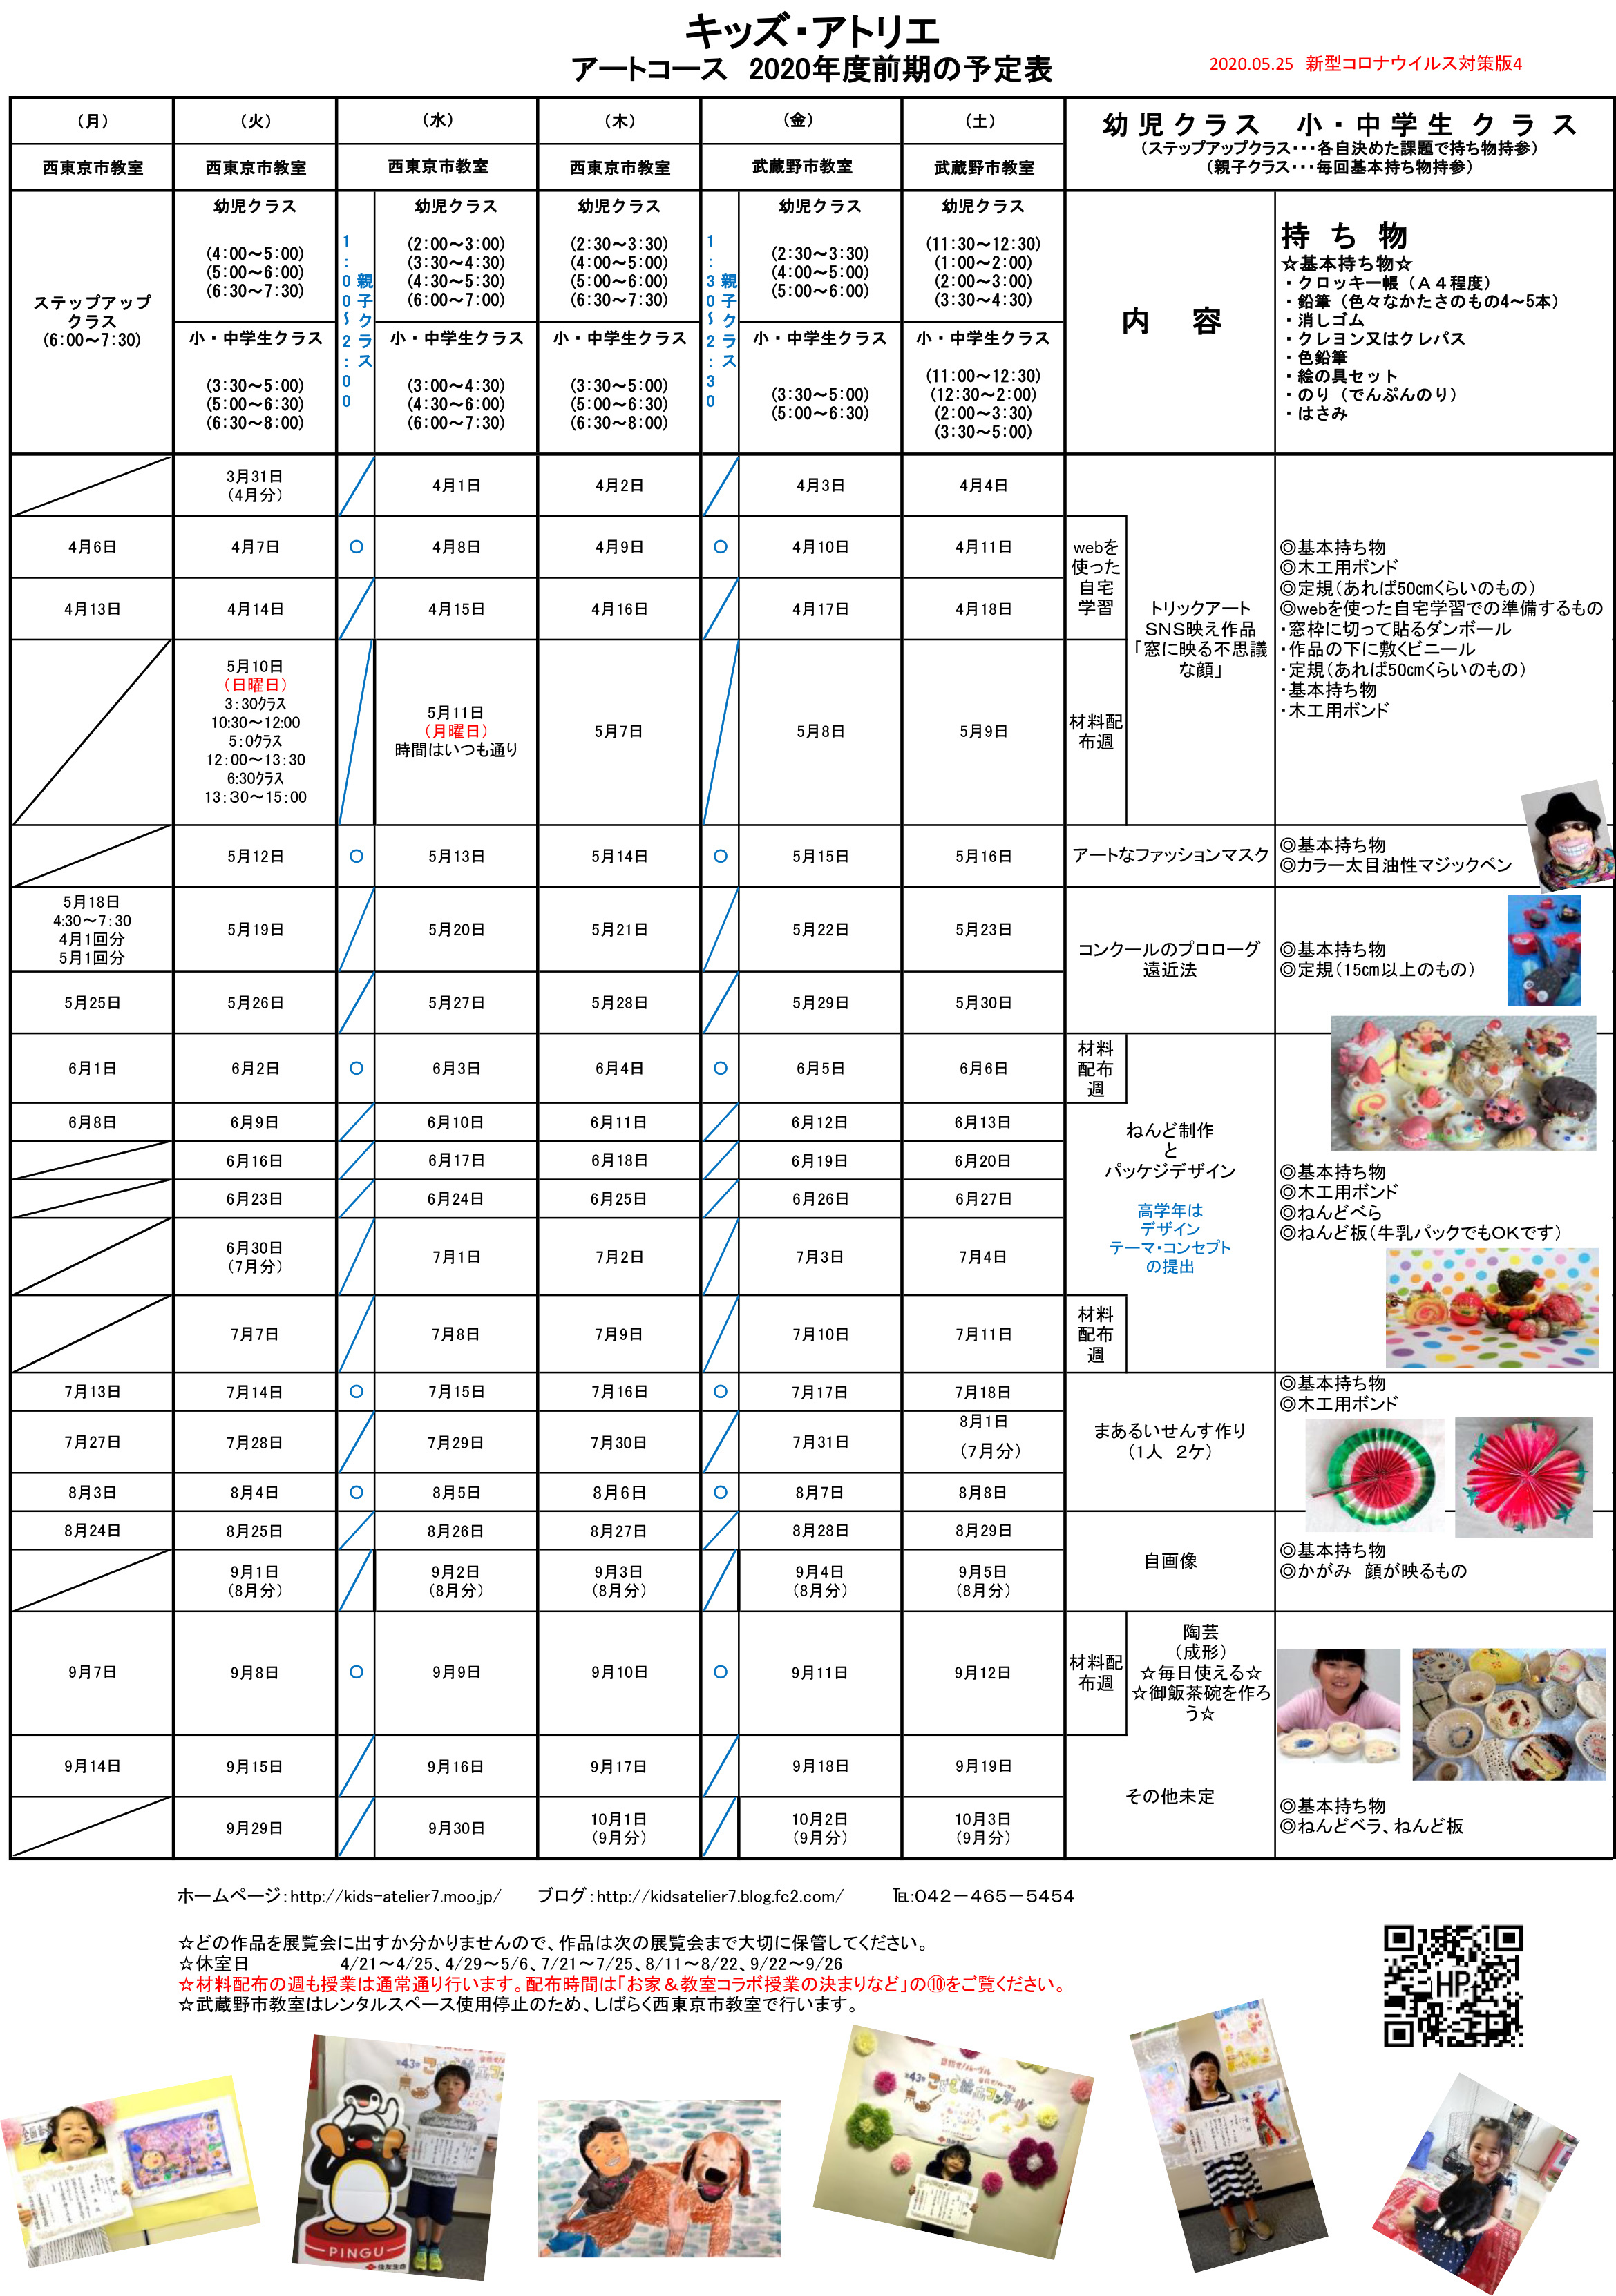 子供絵画造形教室キッズ・アトリエ2020前期コロナ対策予定表4